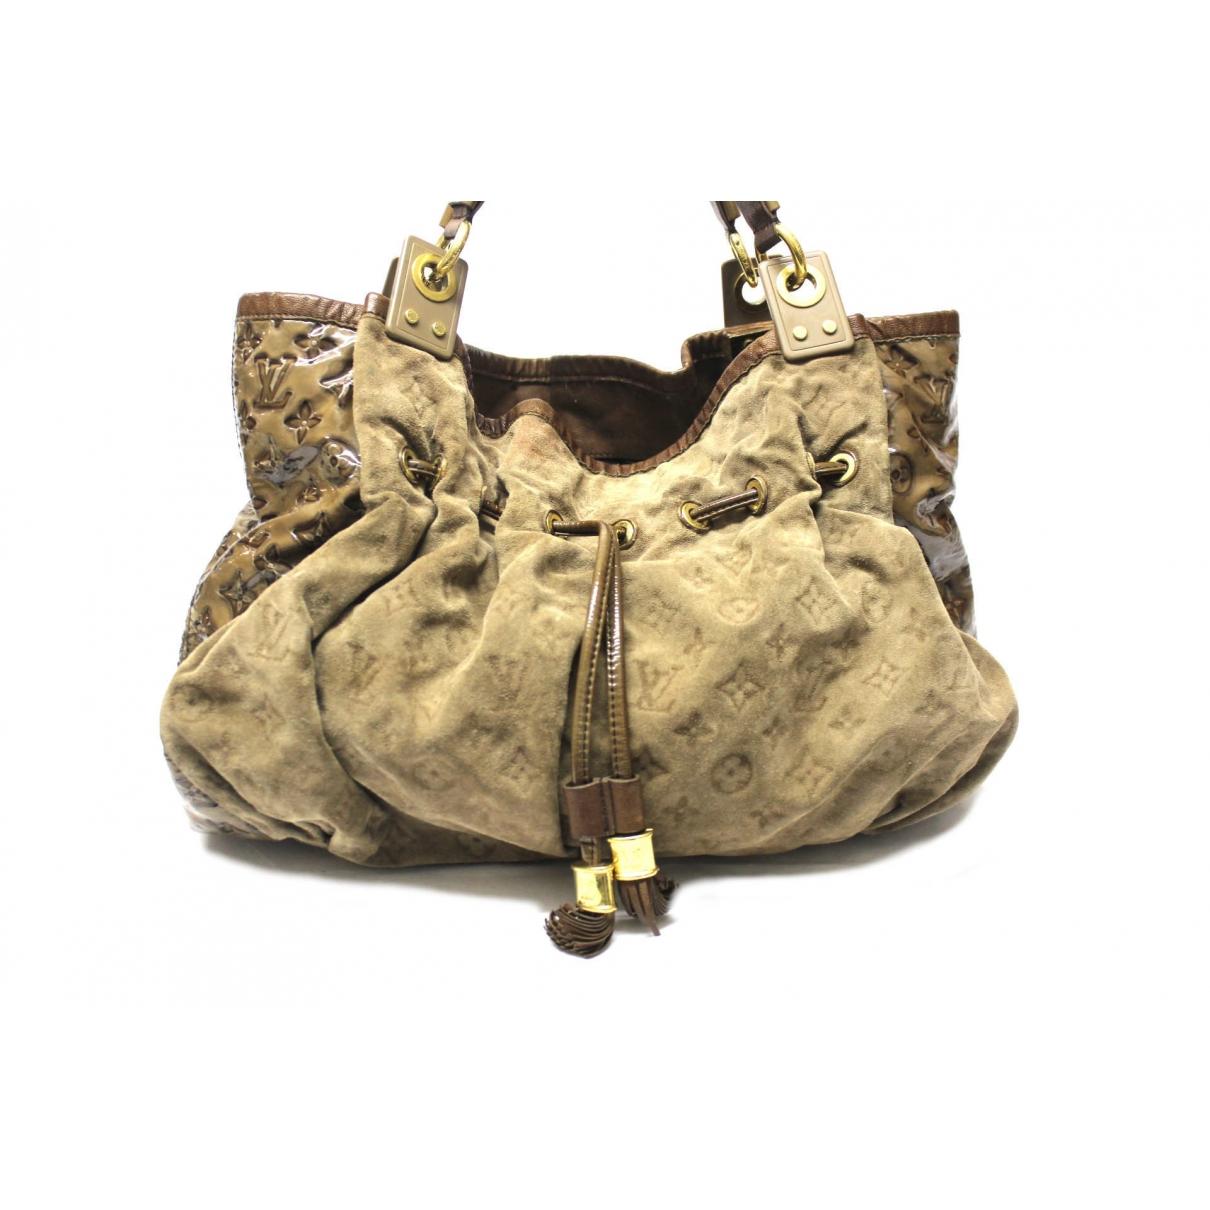 Louis Vuitton - Sac a main   pour femme en suede - beige